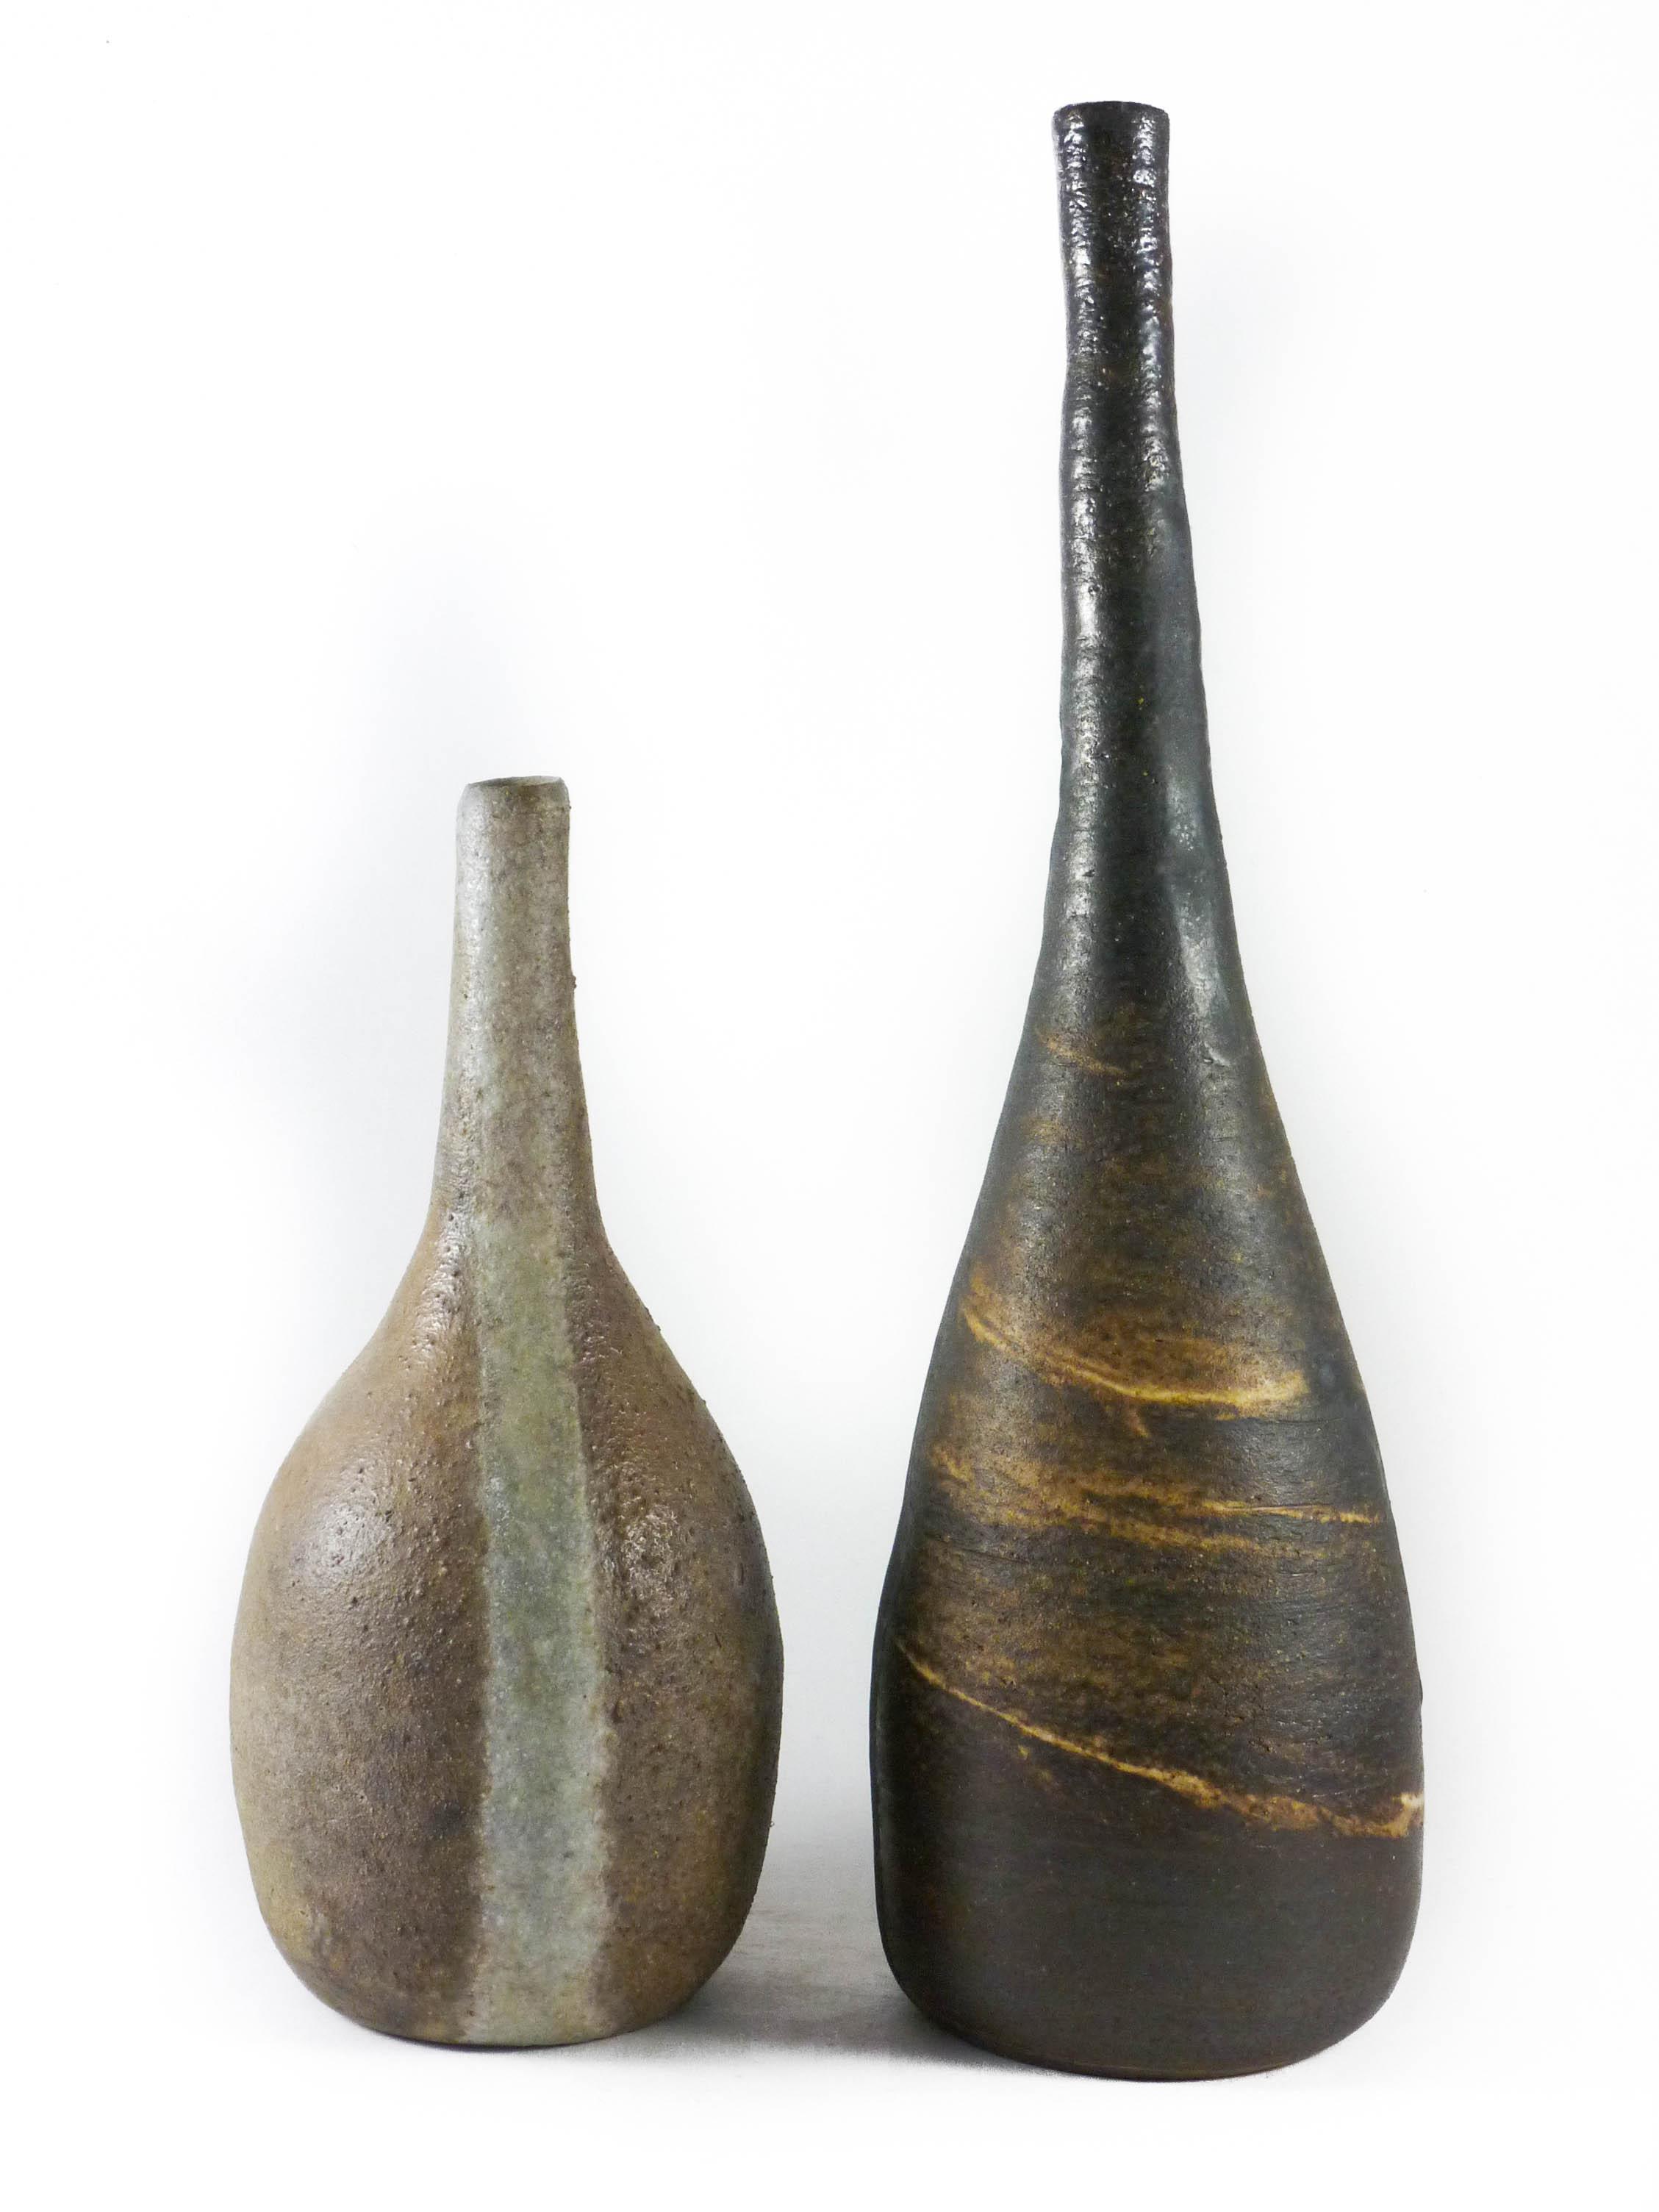 Bottles 09-06 & 09-10